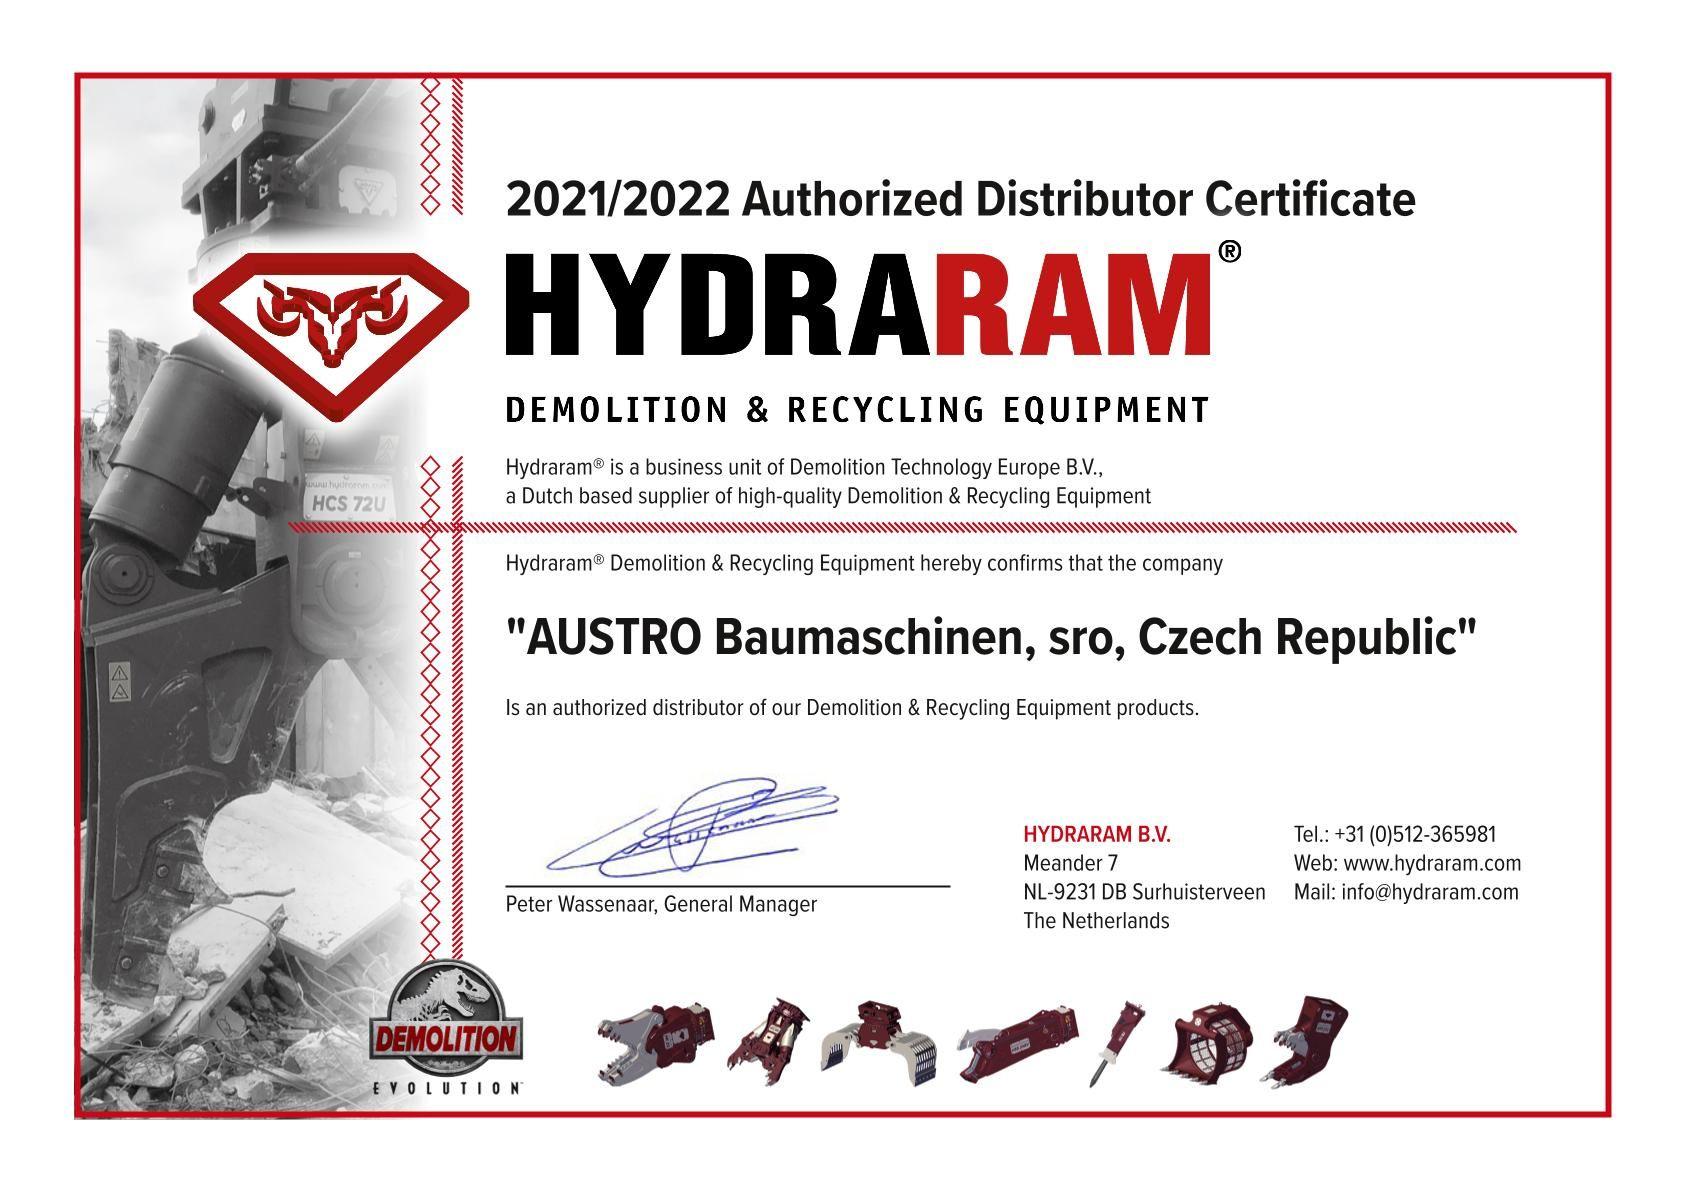 Dealer_certificate_Austro Baumaschinen,sro